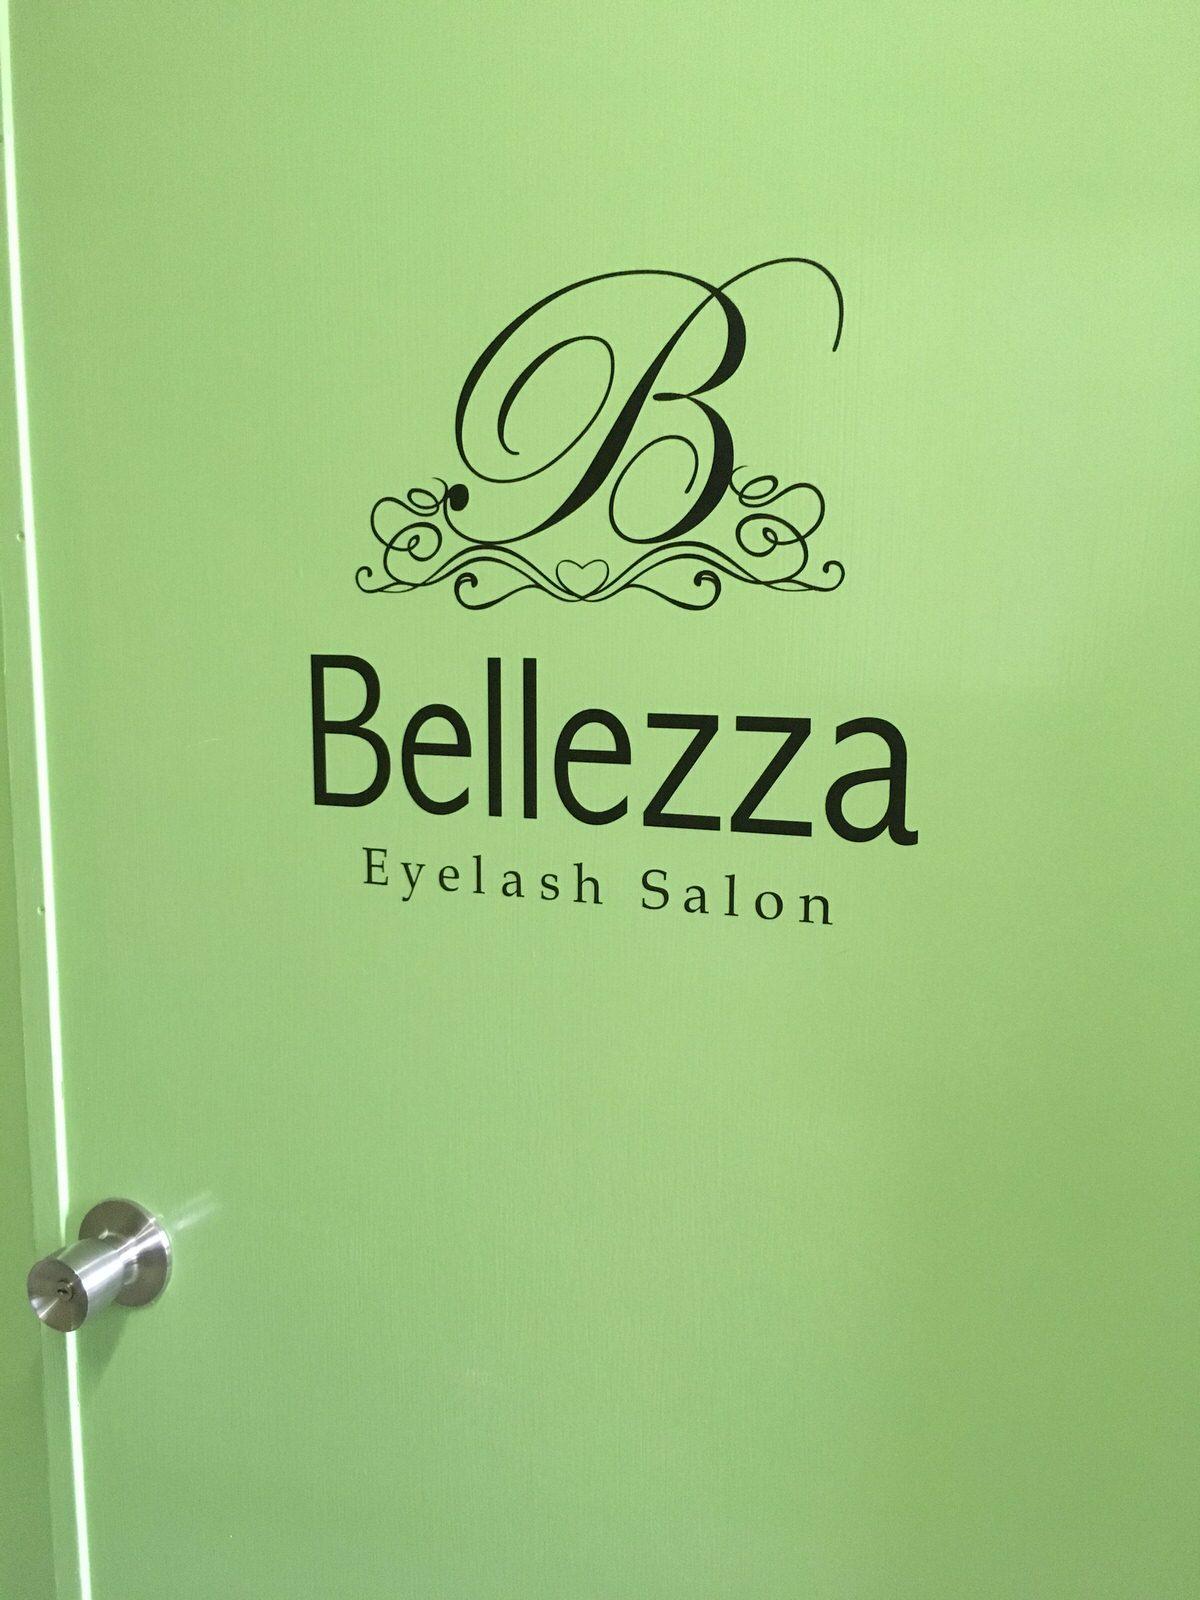 浜町にオープンしたまつげエクステ専門店Bellezza(ベレッザ)で3Dまつエクを試してみた♪